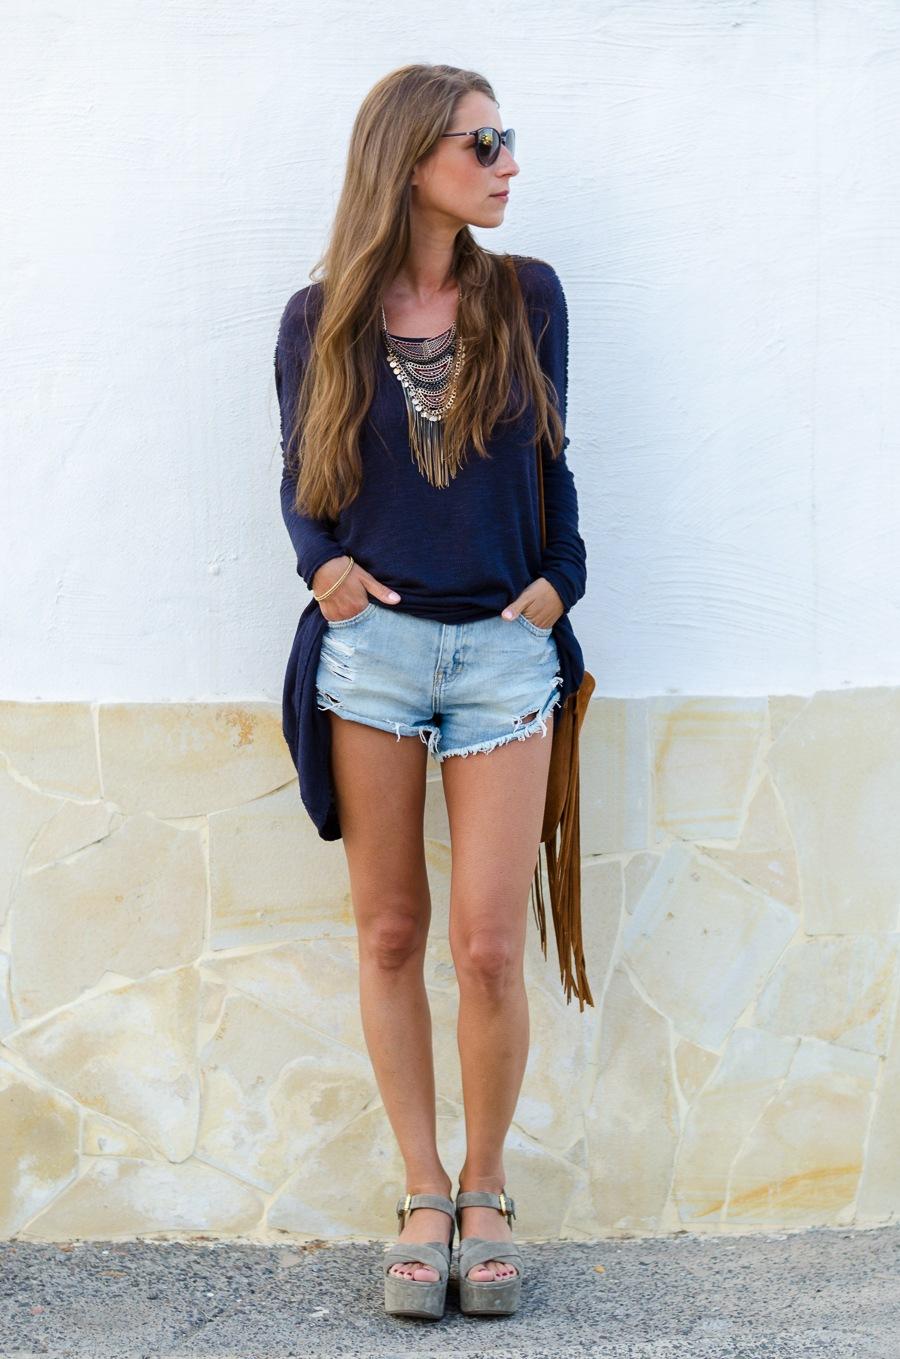 statement necklace zara flatforms denim shorts fringe bag outfit casual summer